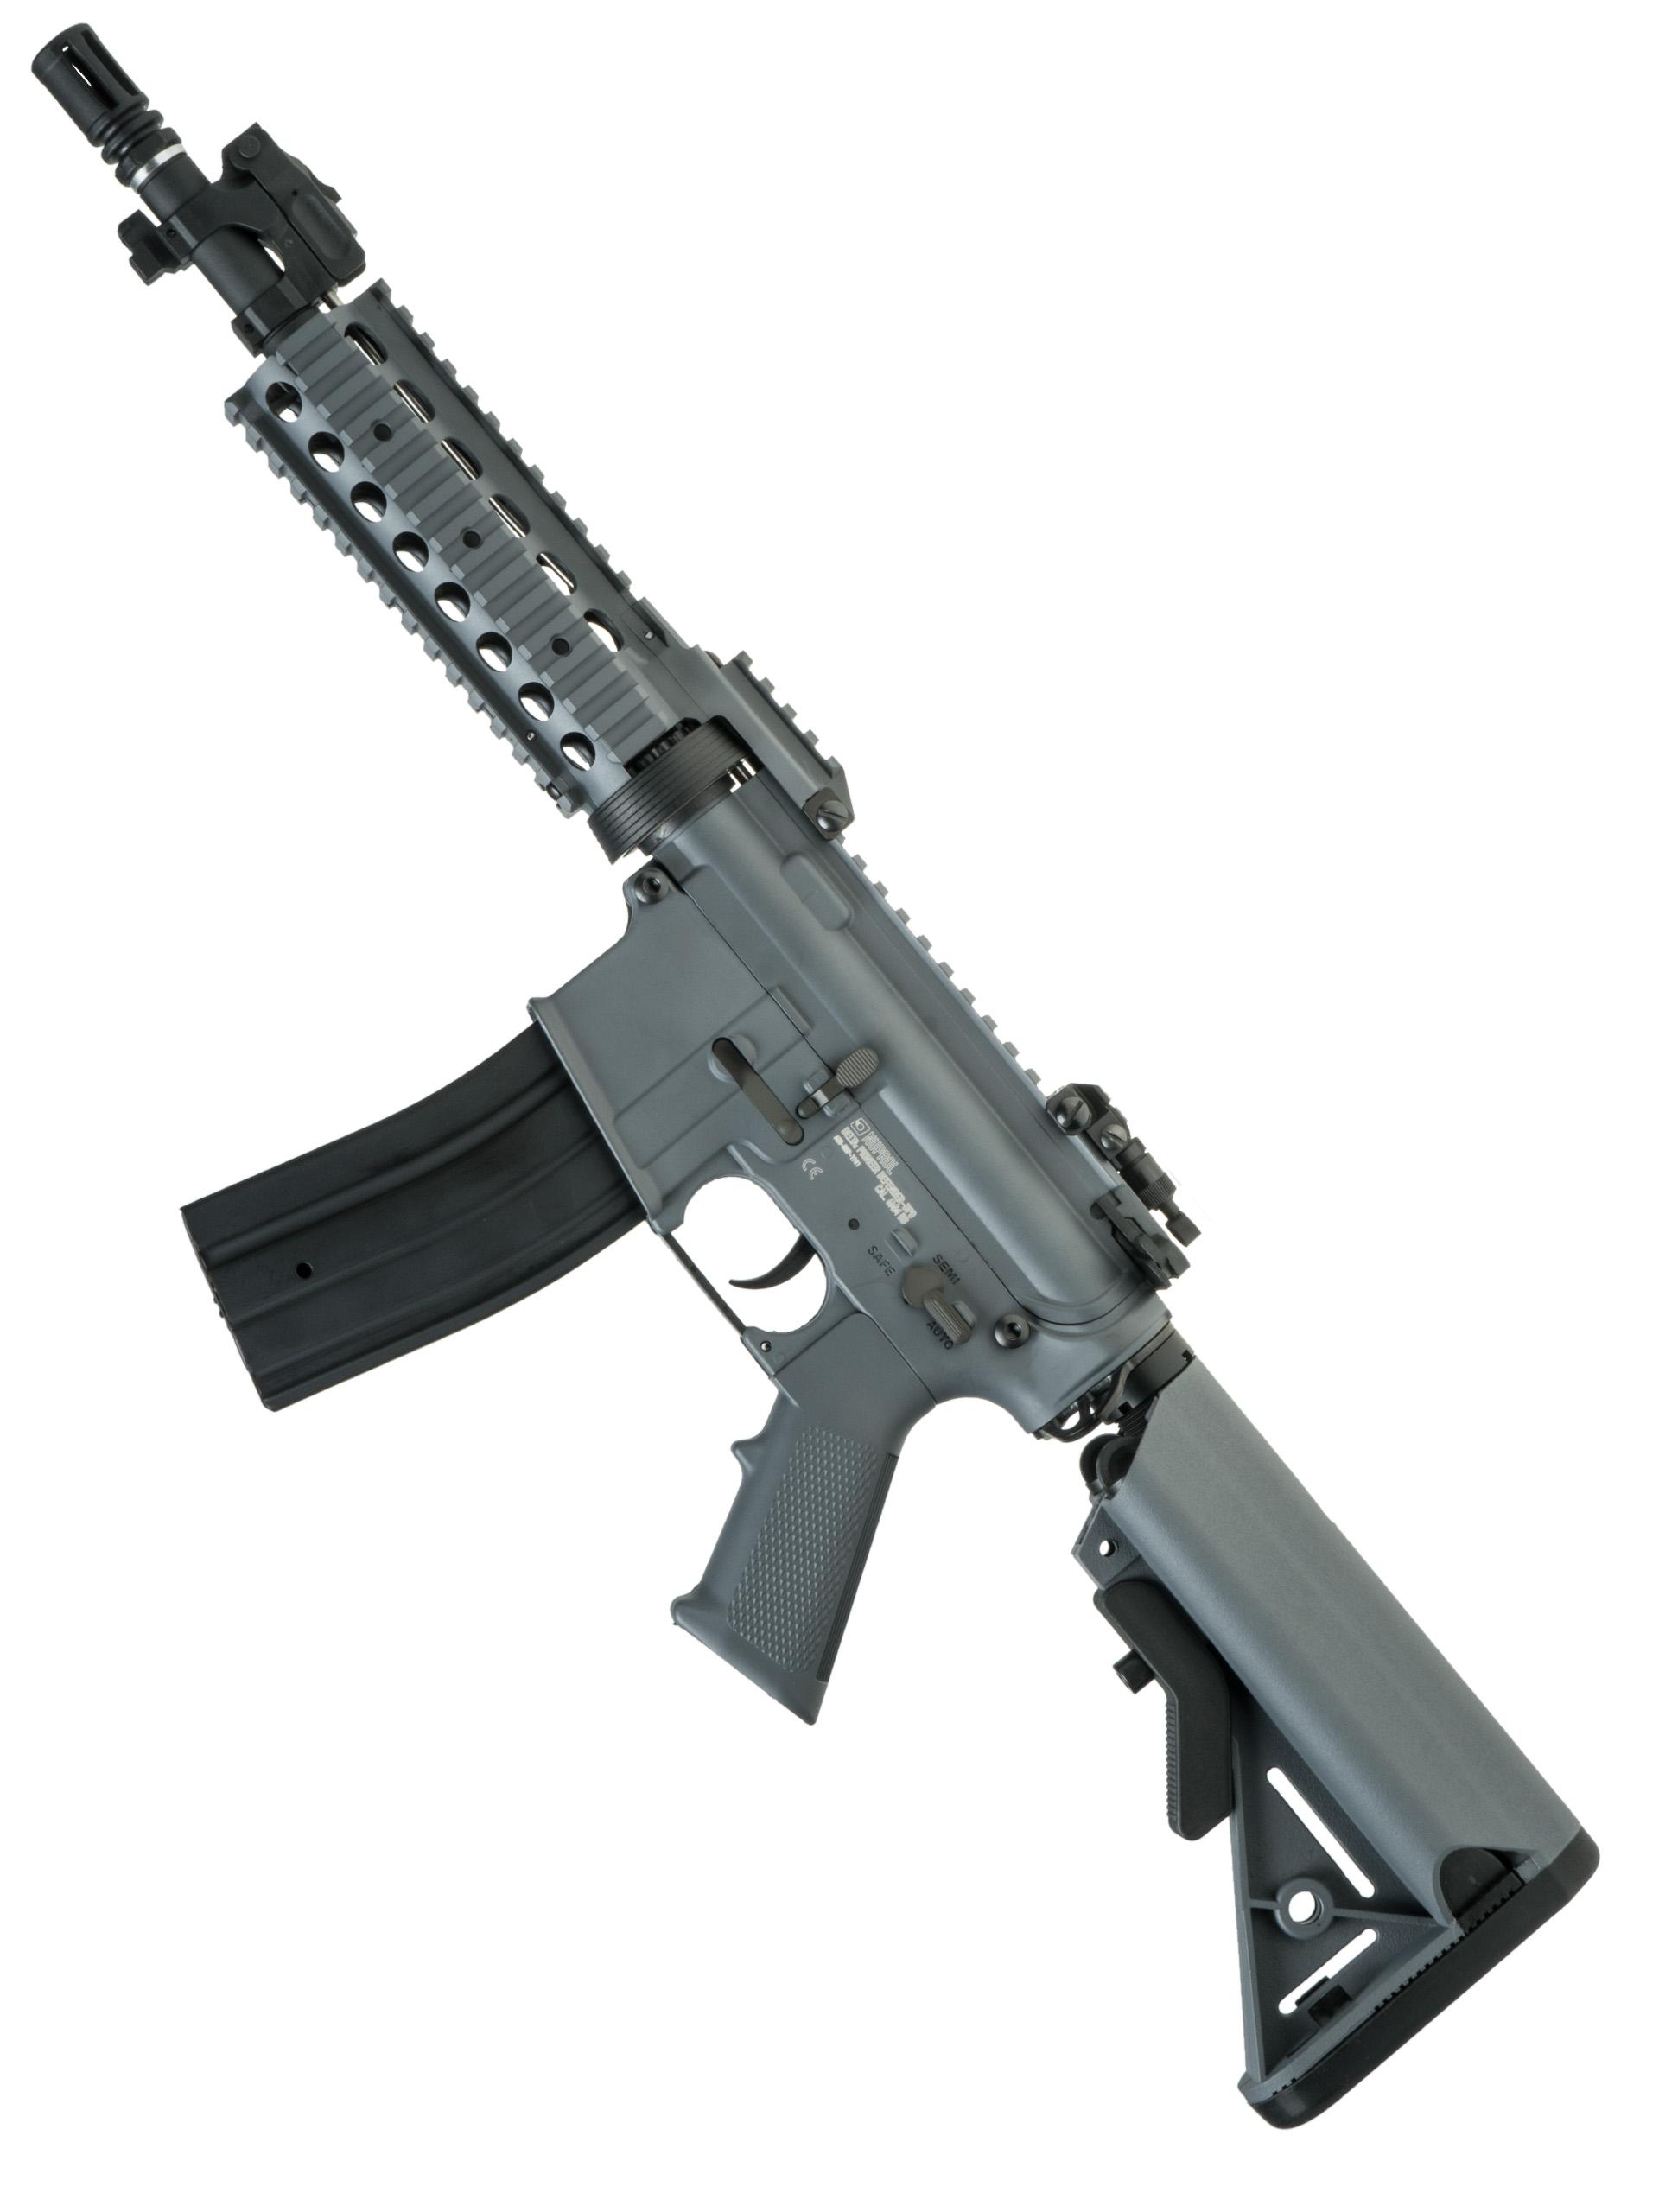 NUPROL DELTA Pioneer Defender AEG Carbine